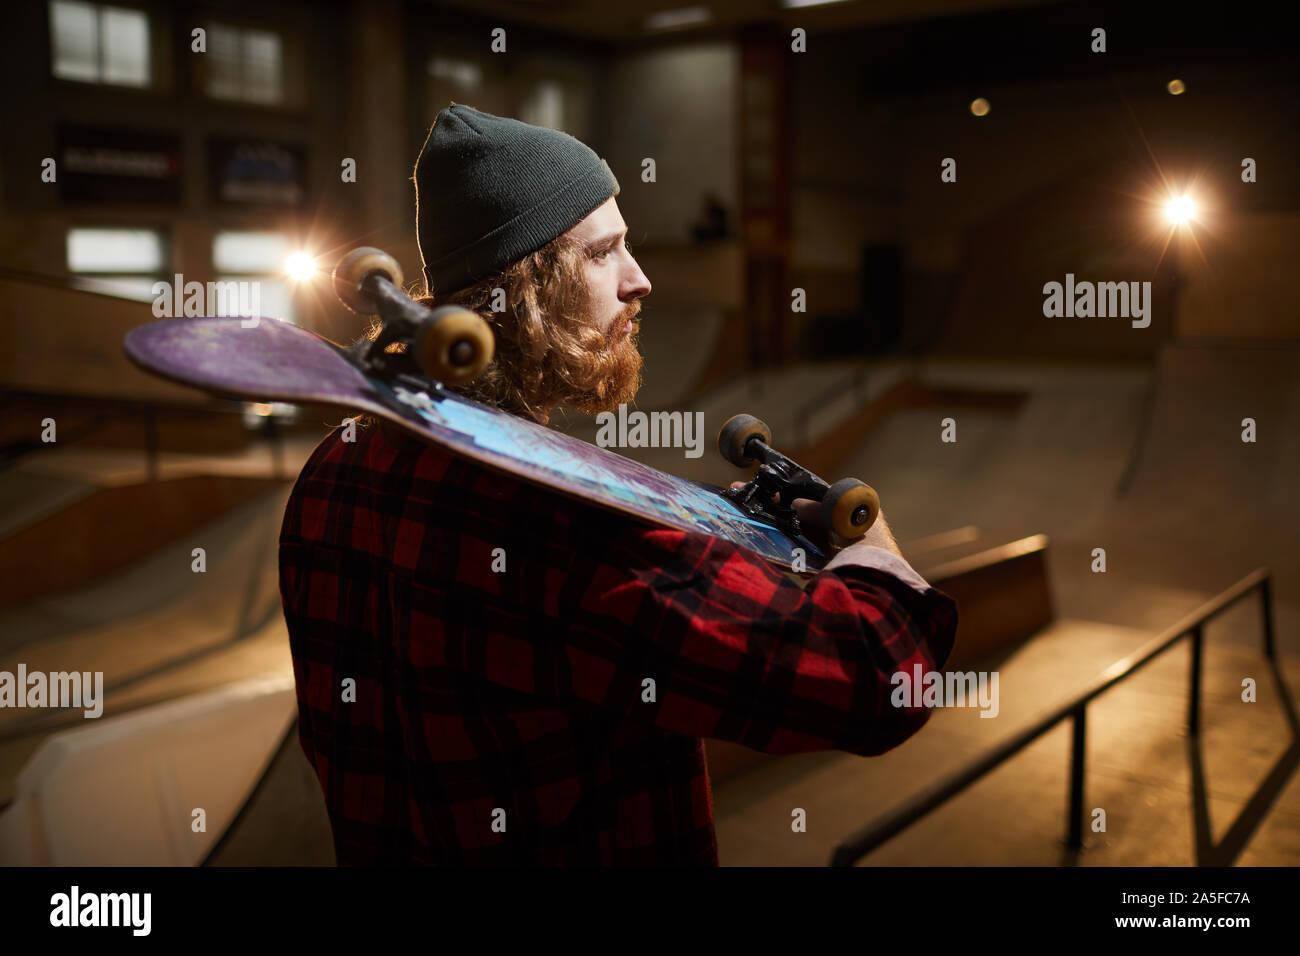 Vue arrière de la patineuse barbu à l'air songeur, tout en se posant en milieu urbain parc patinage éclairé par de faibles lumières, copy space Banque D'Images